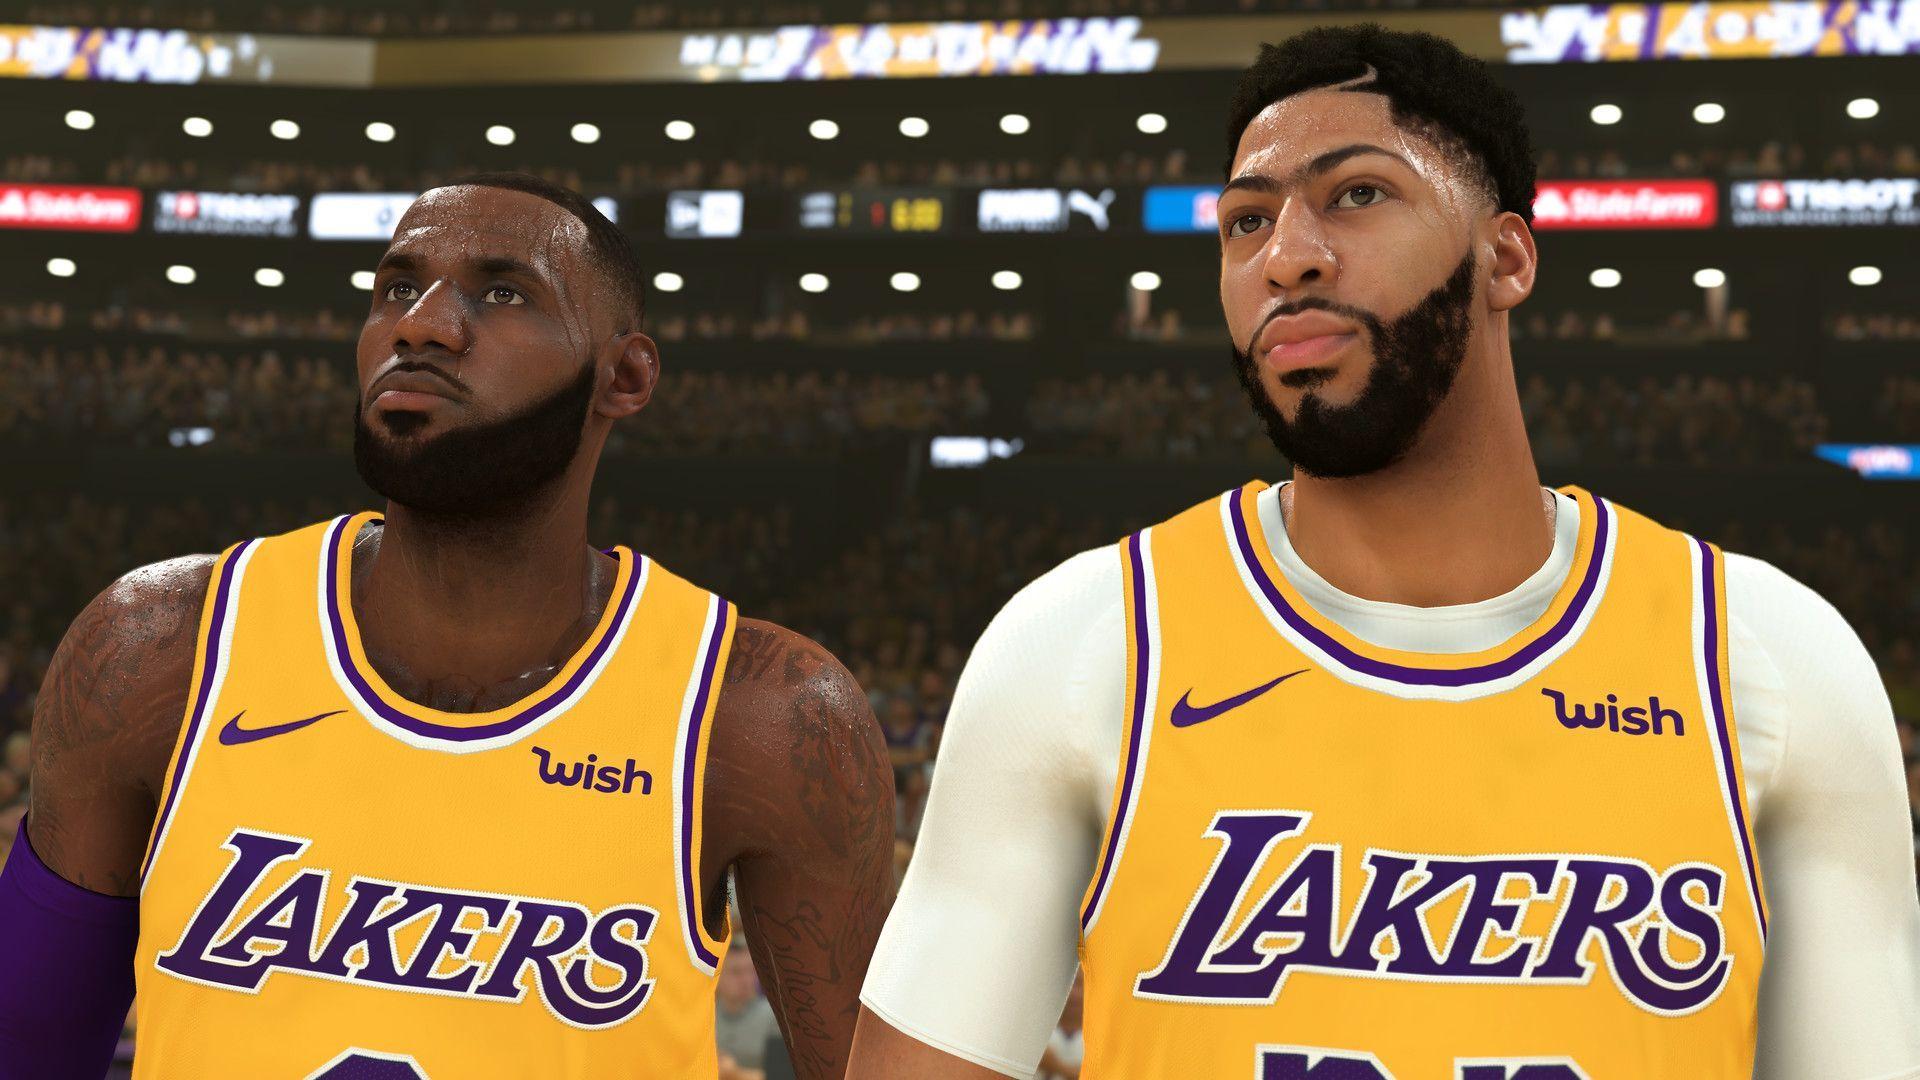 سی دی کی اریجینال استیم بازی NBA 2K21